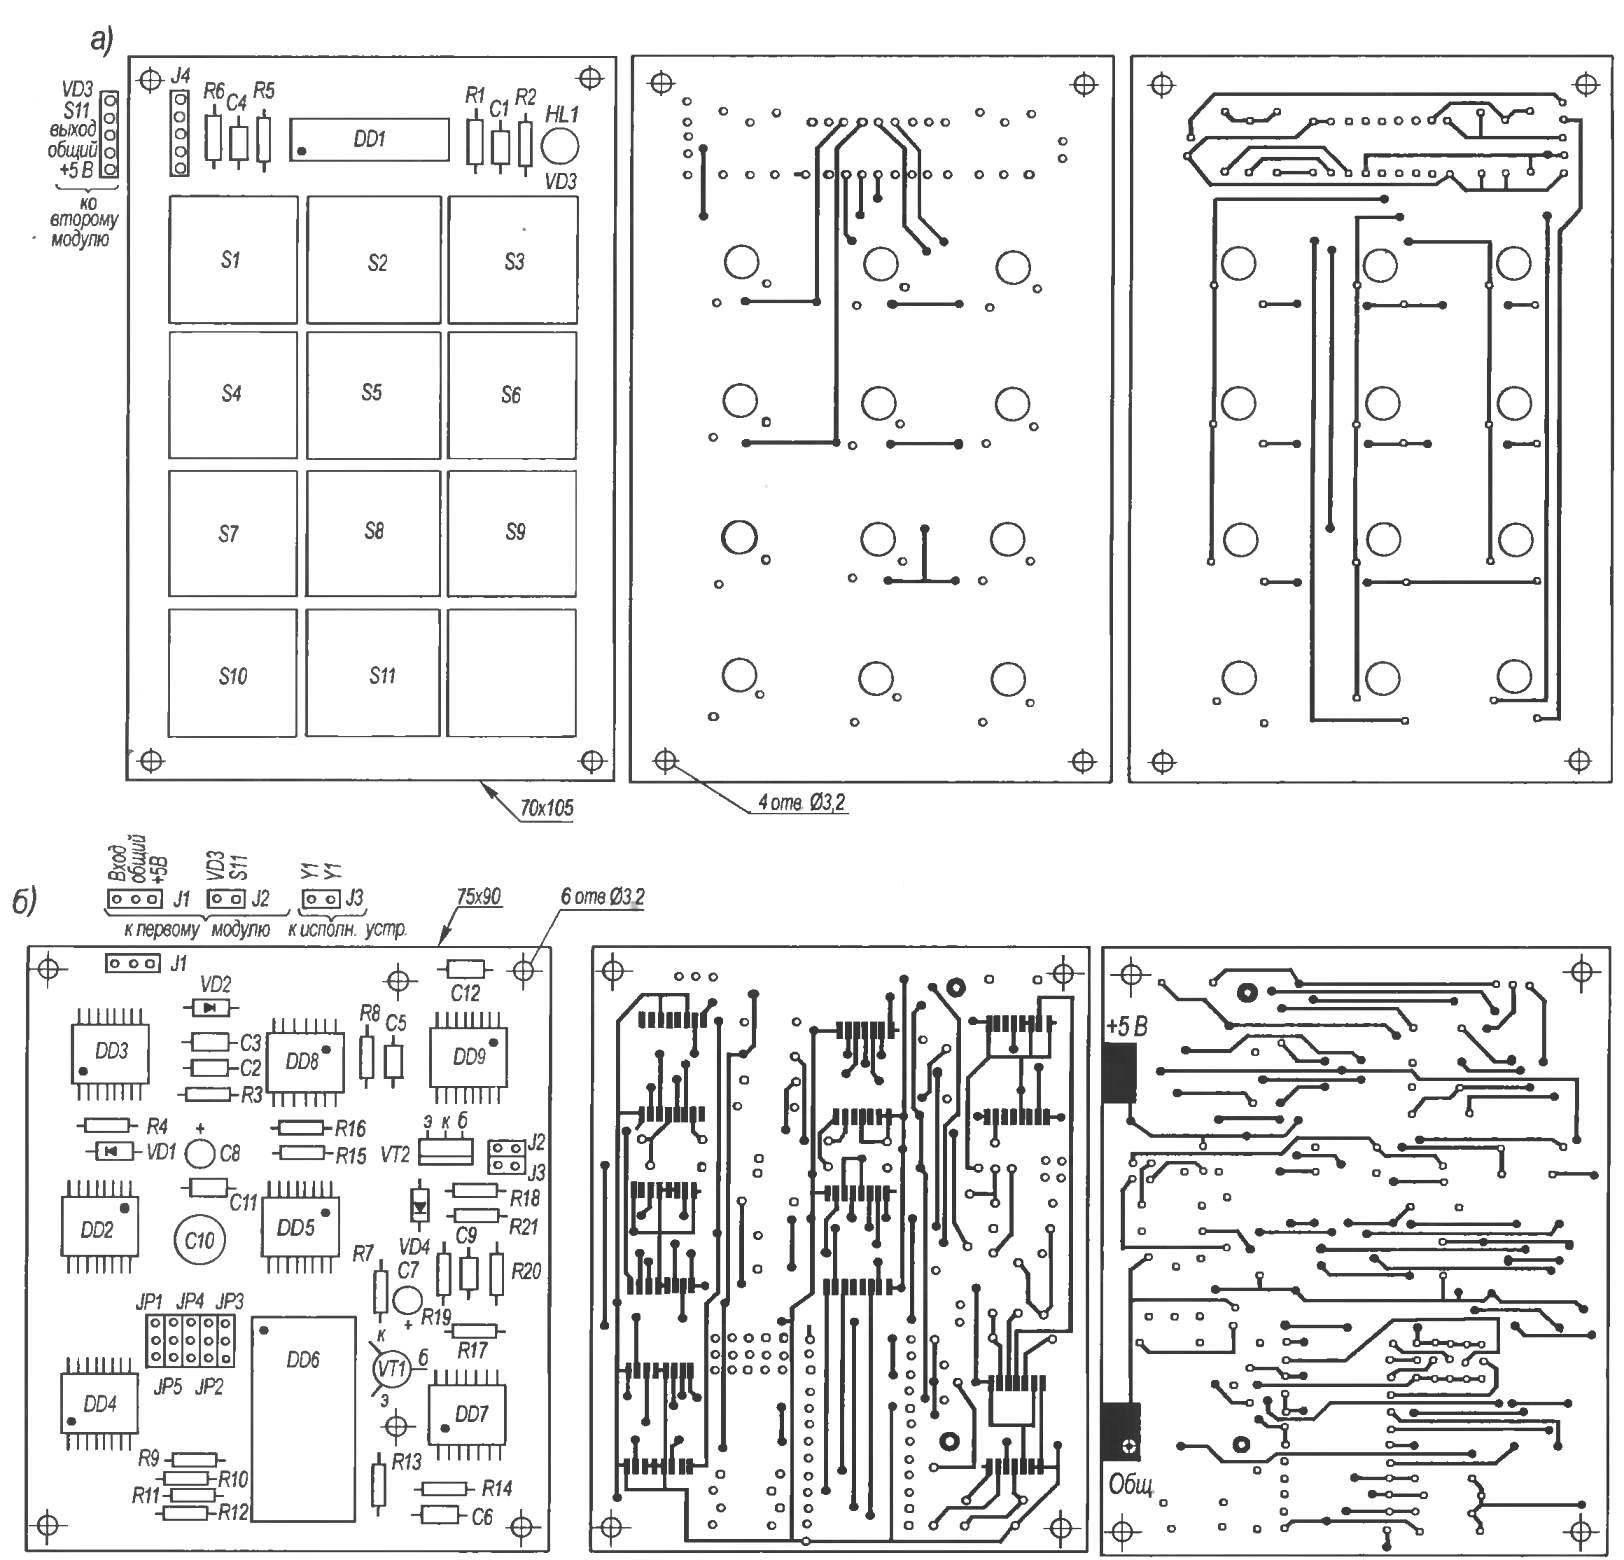 Рис. 3. Топология двусторонних печатных плат первого (а) и второго (б) модулей кодового замка